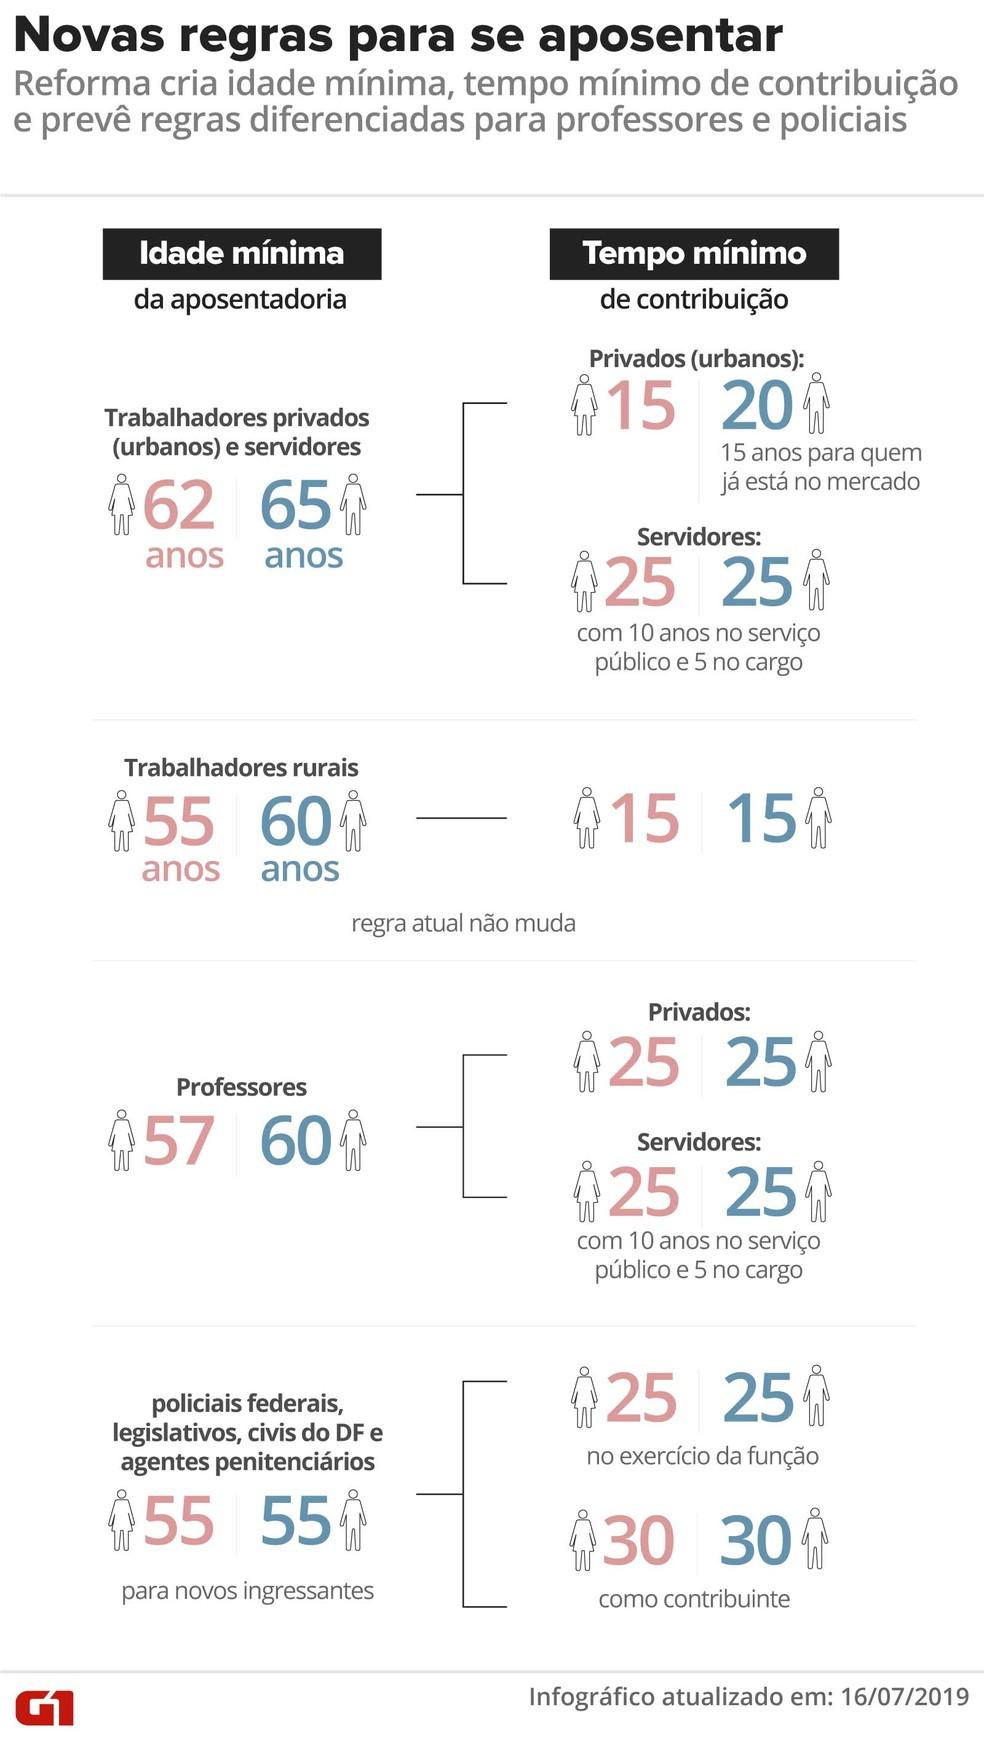 Novas regras para se aposentar previstas pela reforma da Previdência — Foto: Infografia G1